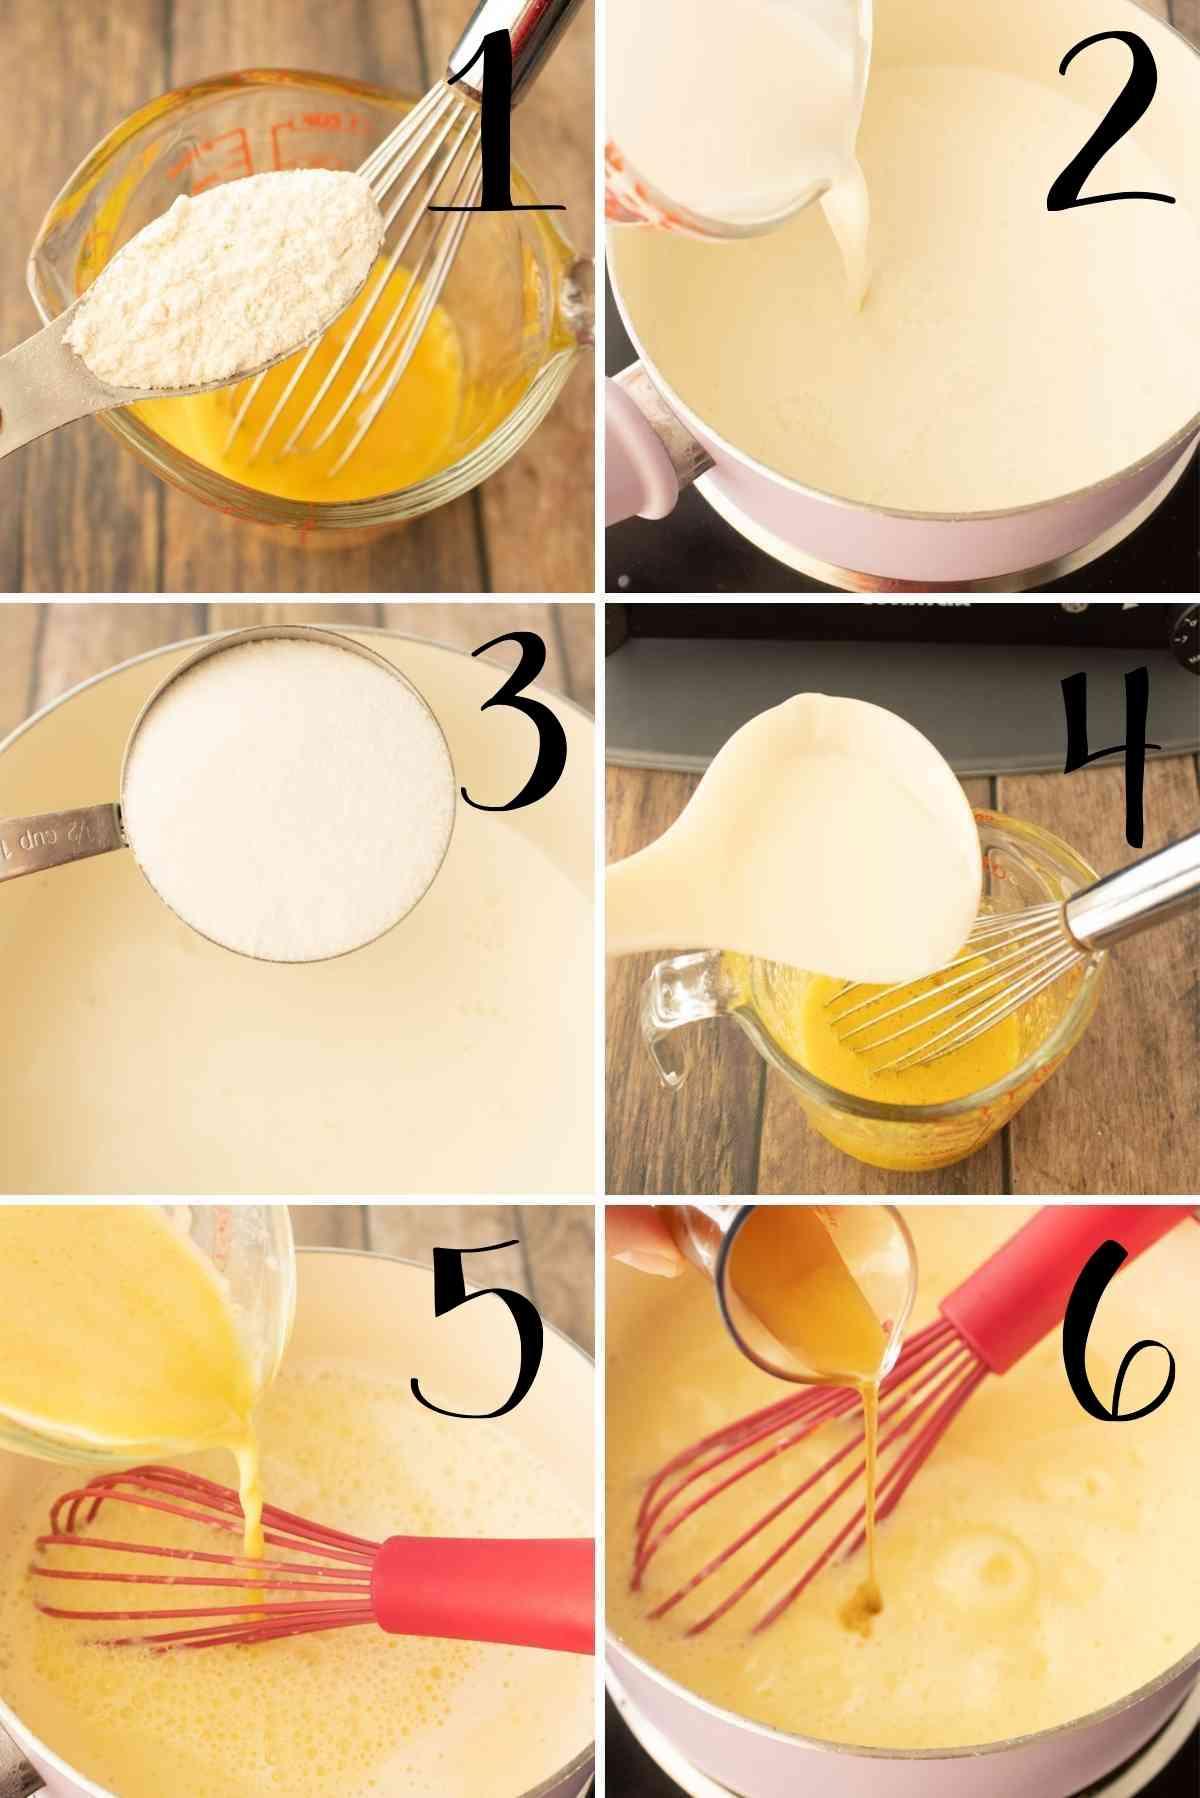 Making of the vanilla sauce.